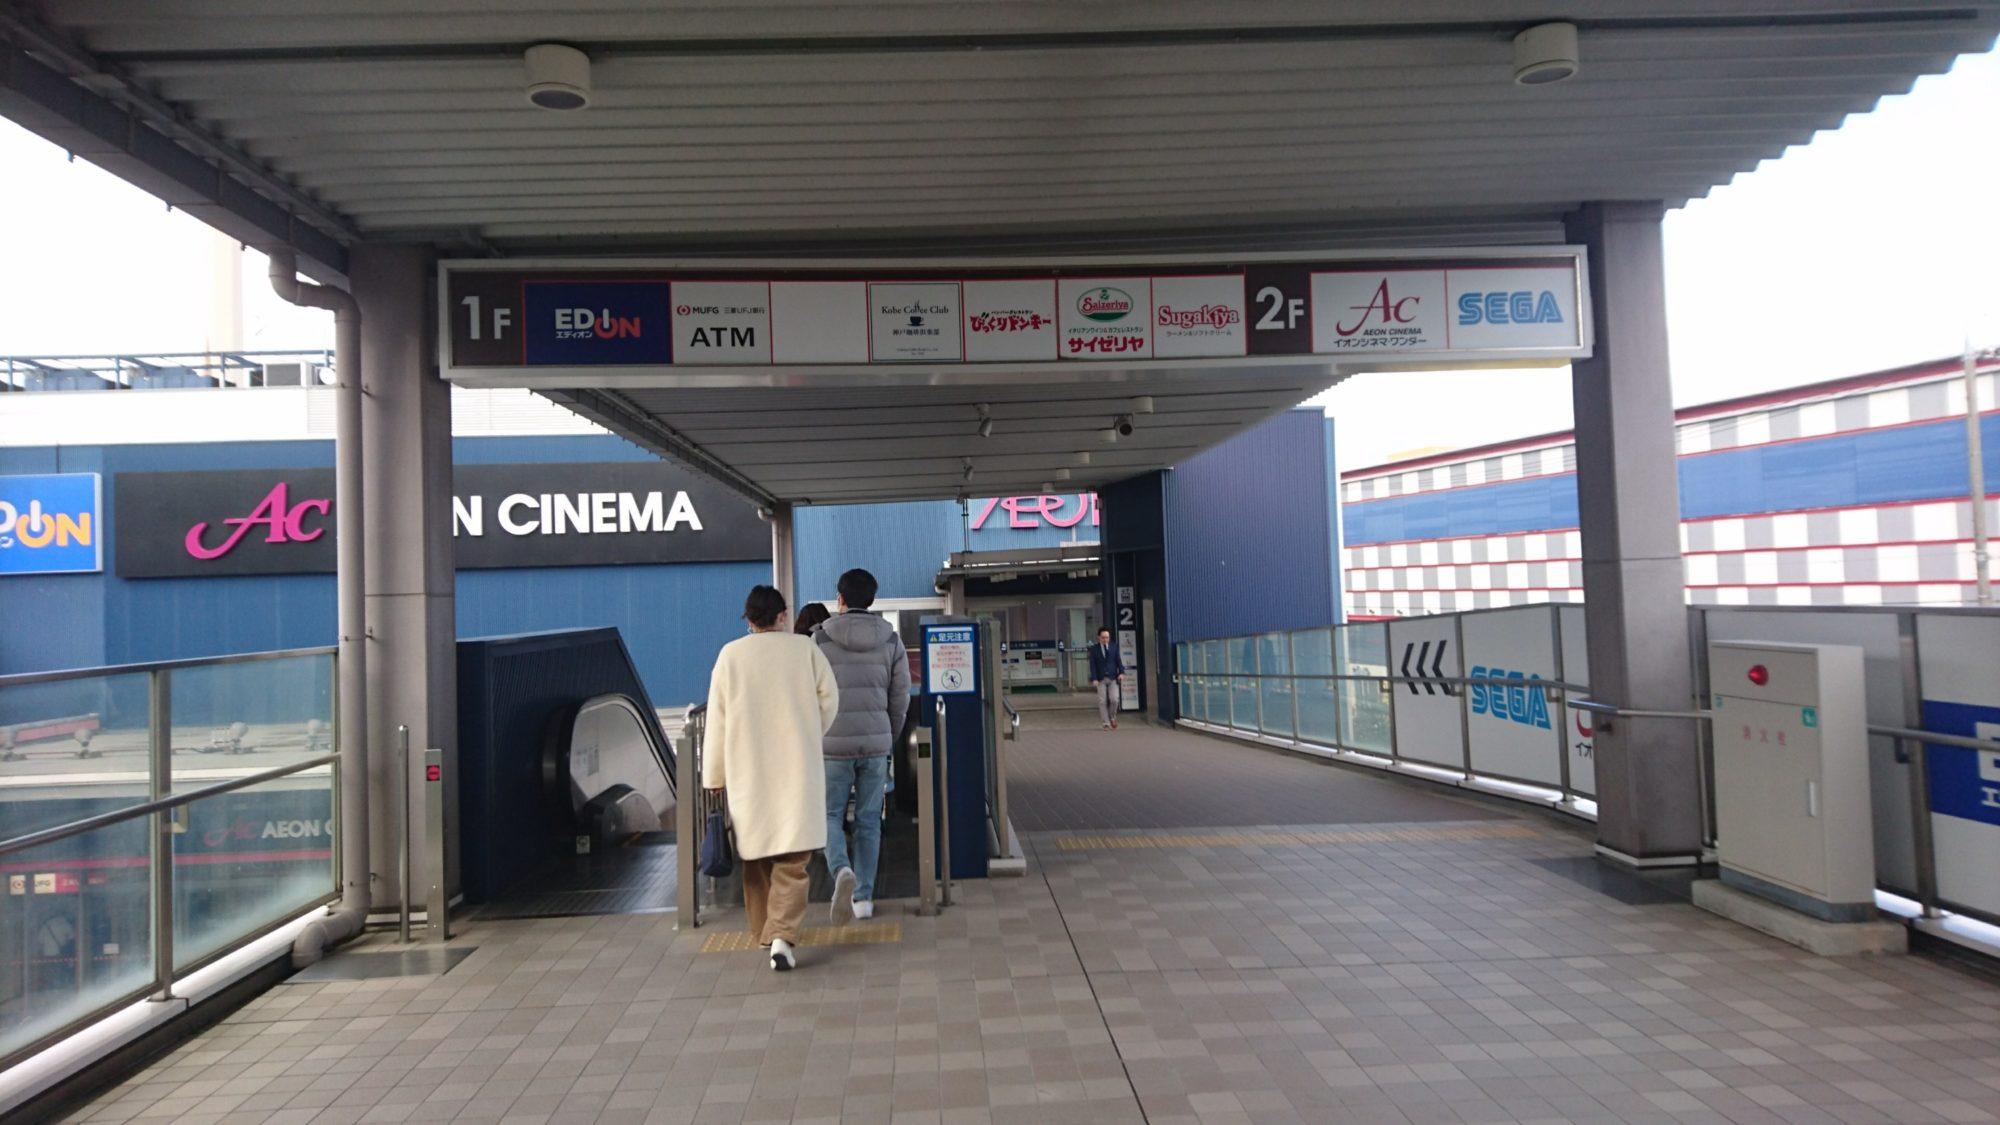 ワンダー 上映 時間 イオン シネマ